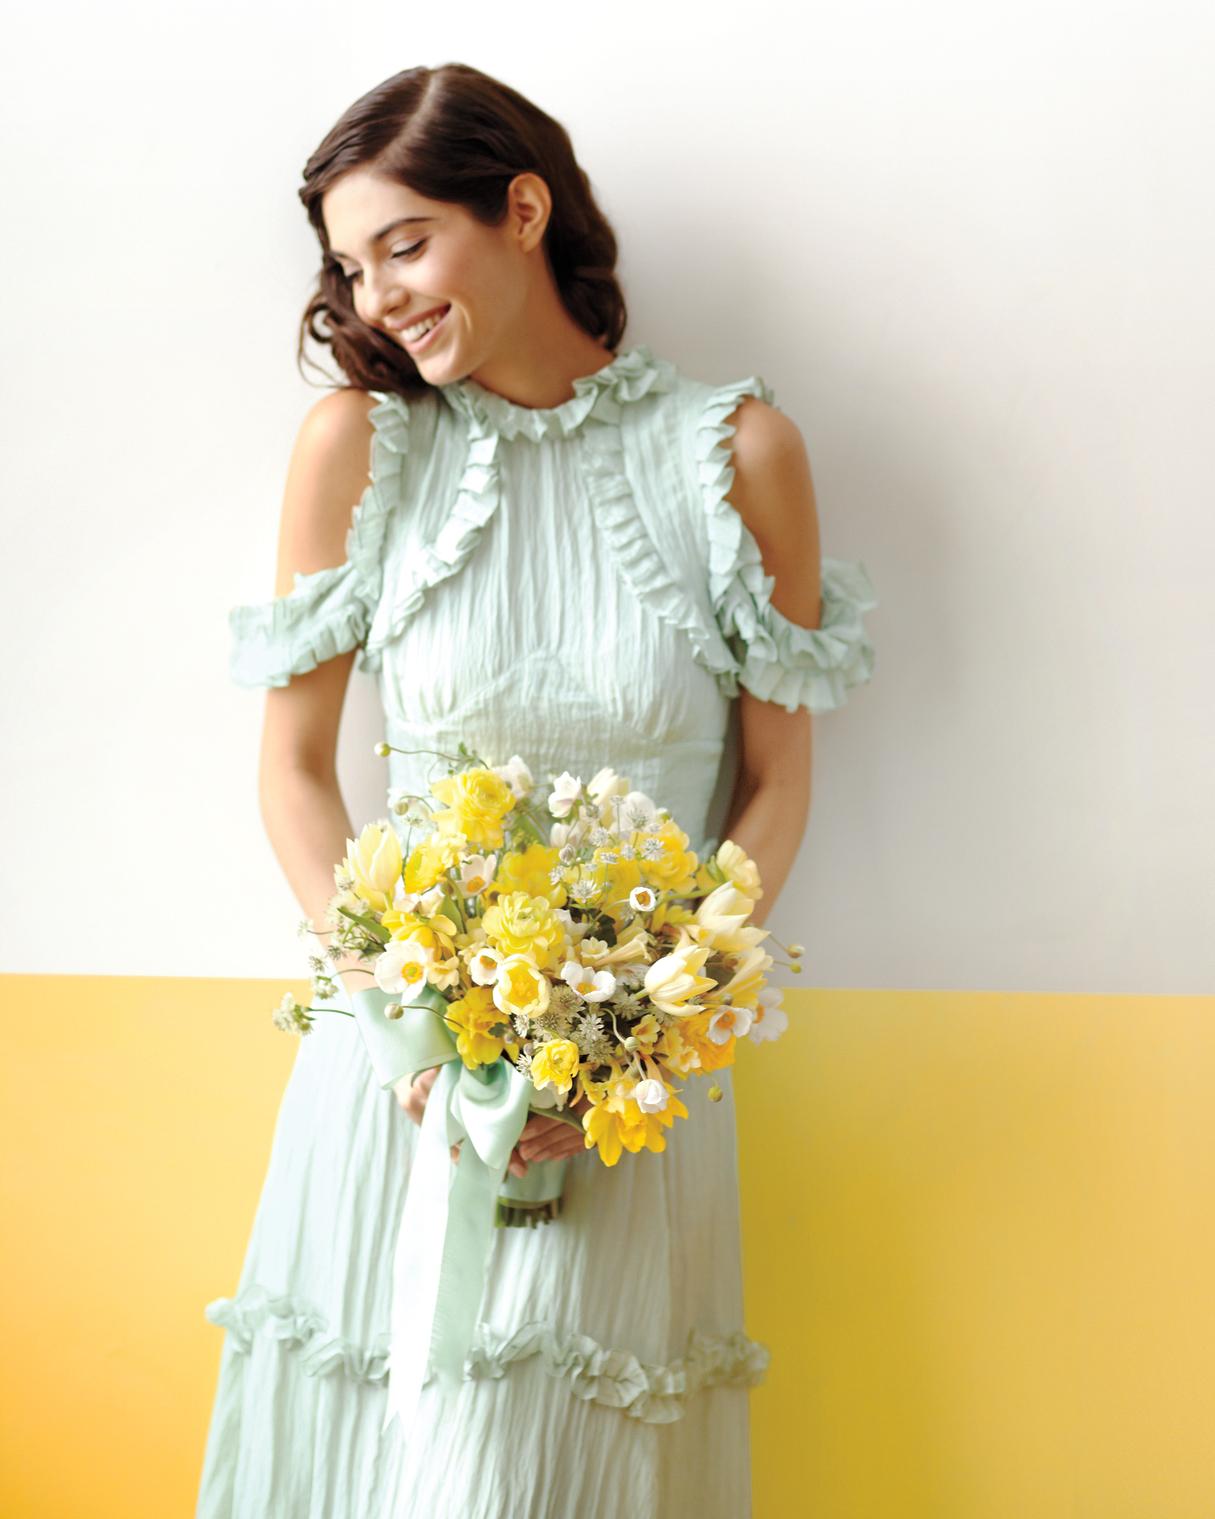 bouquet-mwd108080.jpg